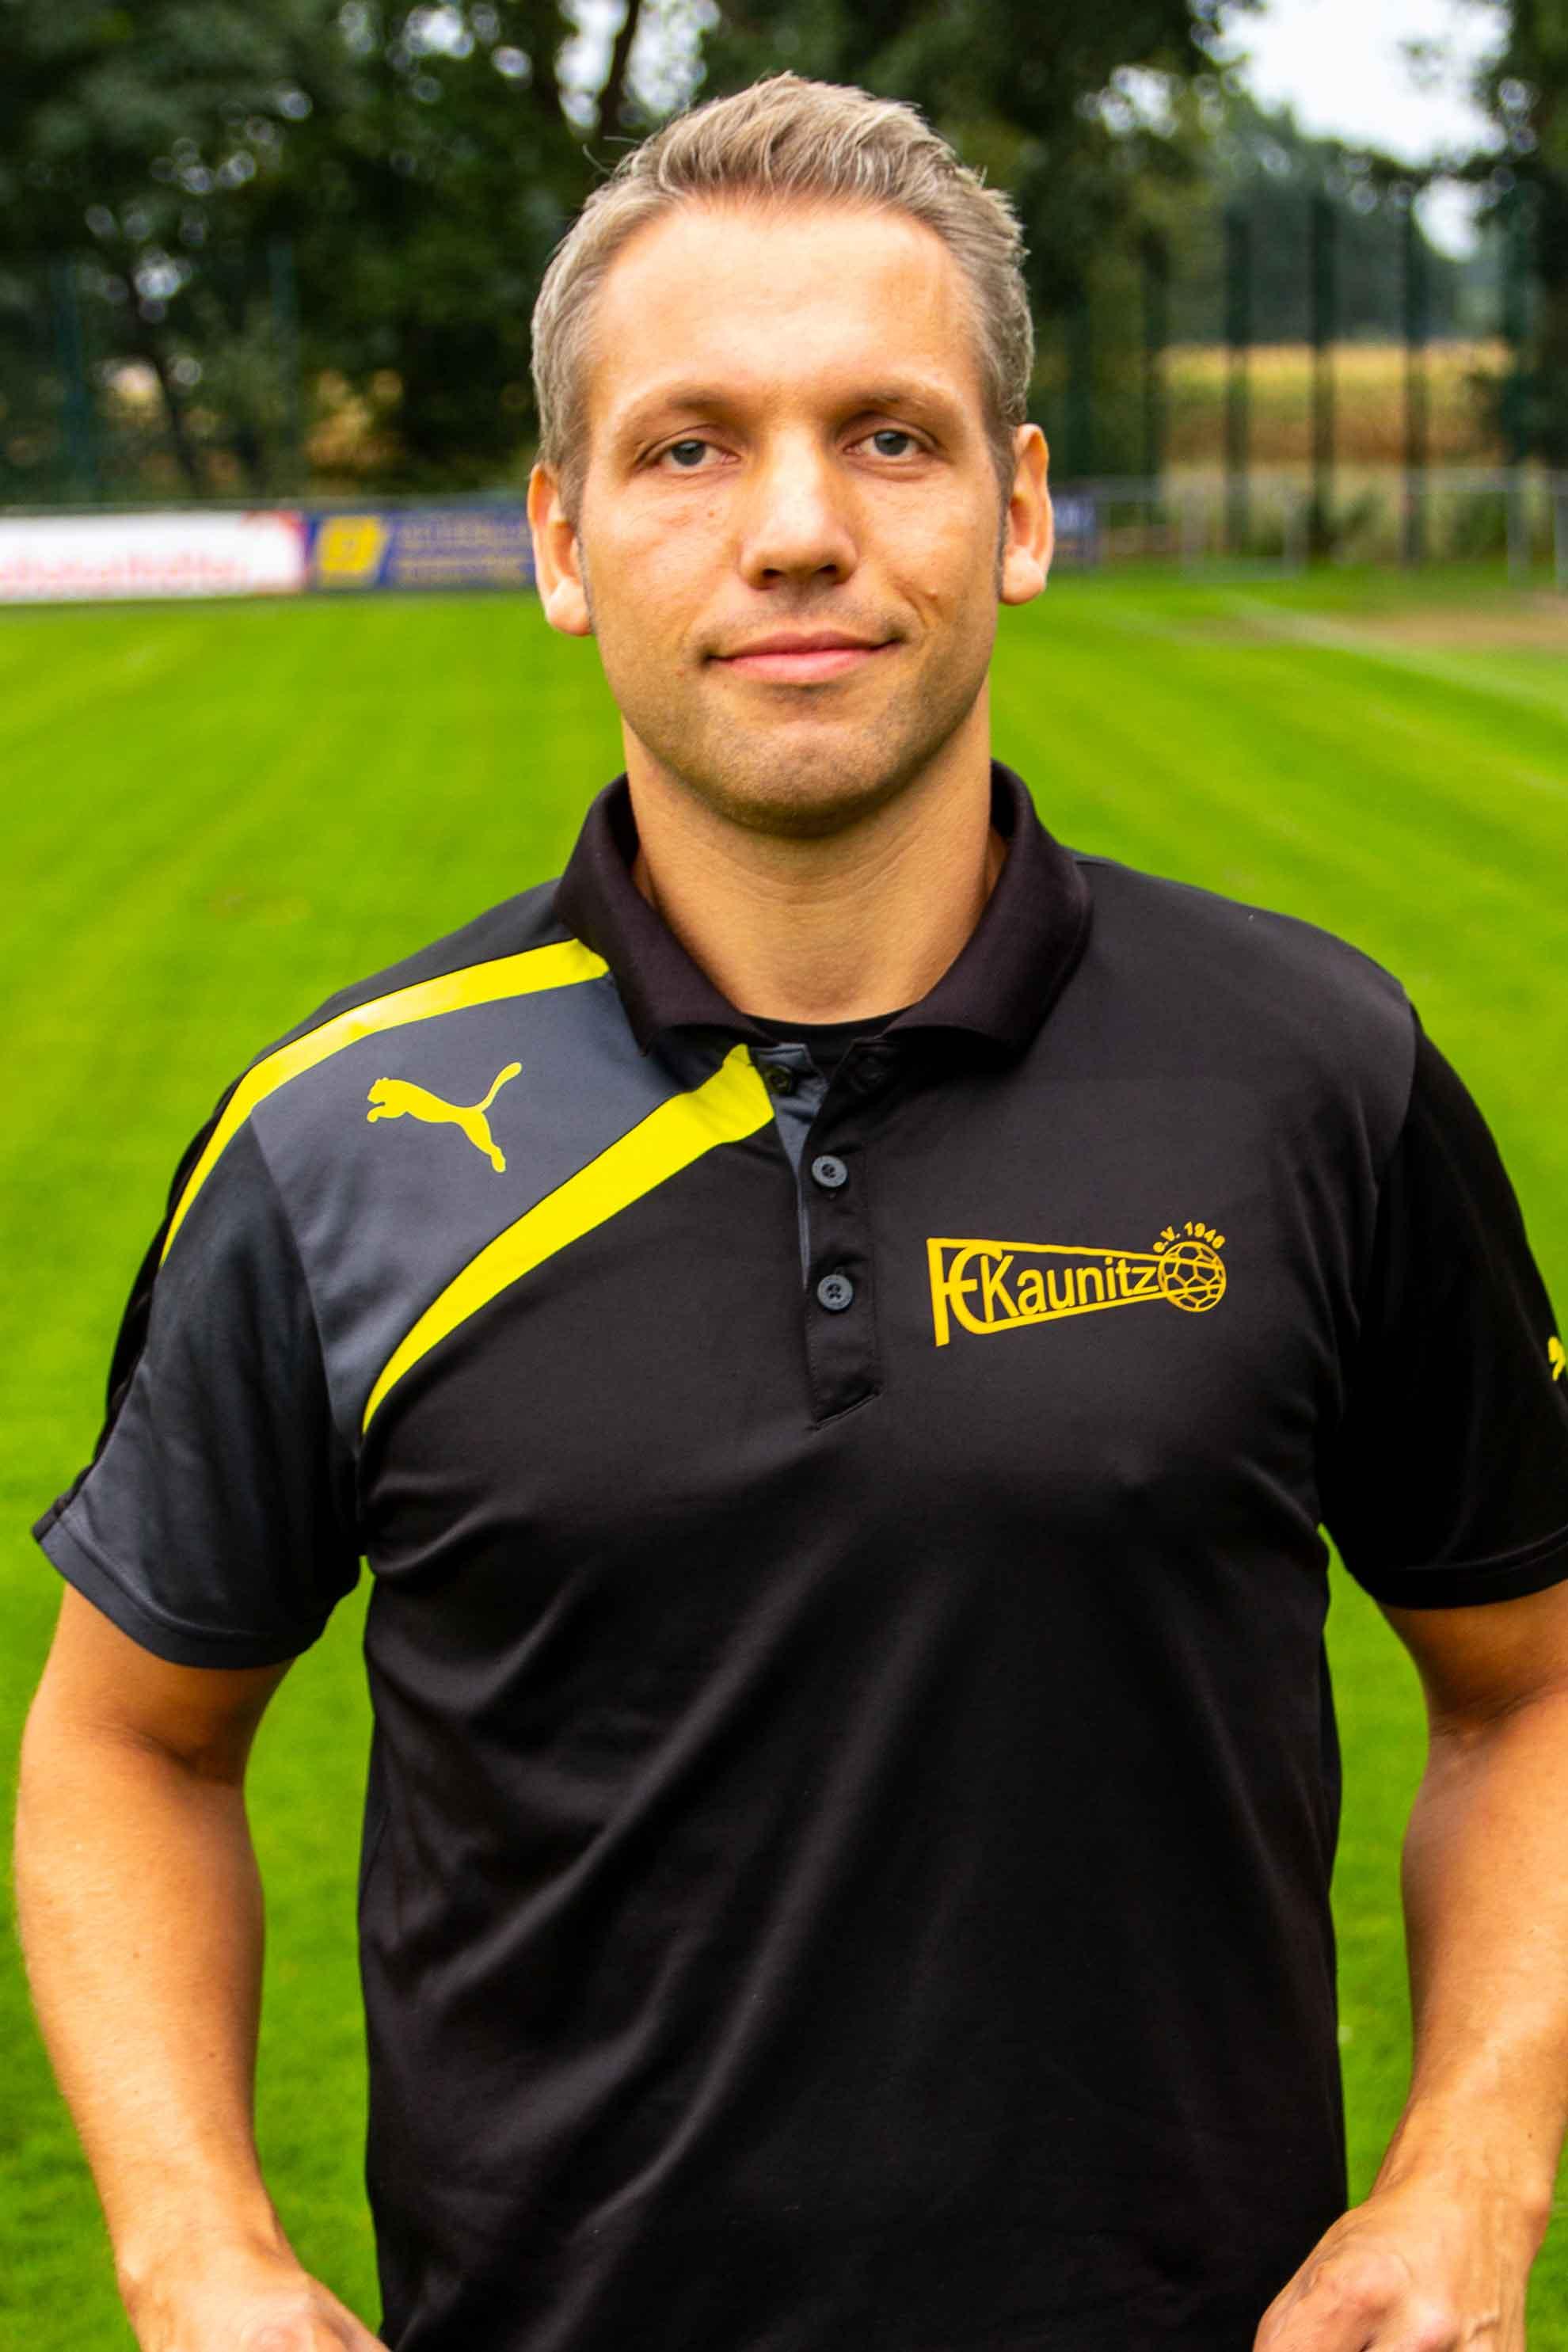 Johannes Schweers